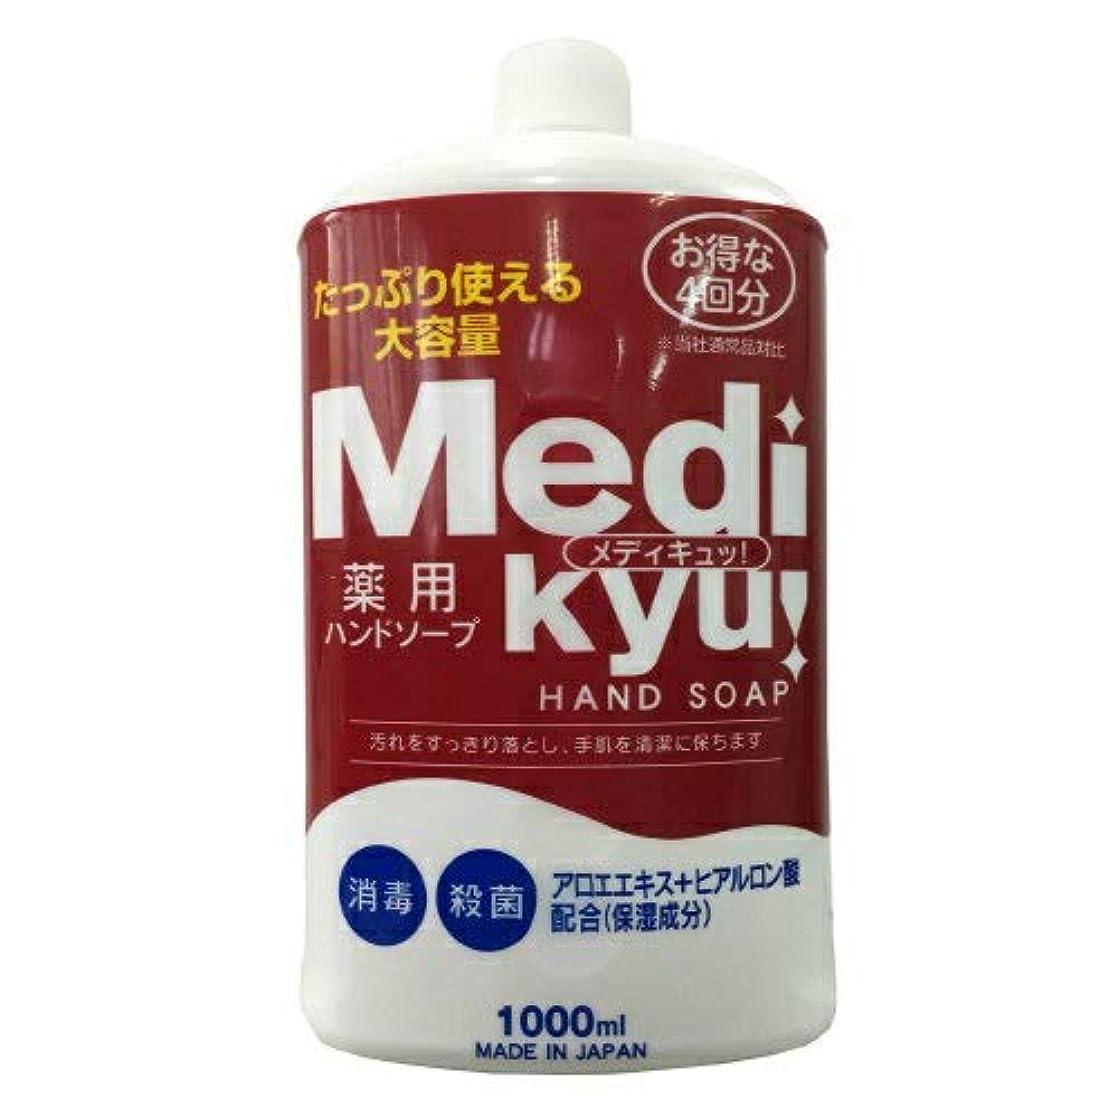 司書朝ごはん増強するロケット石鹸 メディキュッ! 薬用ハンドソープ 大型ボトル 詰替用 1000ml